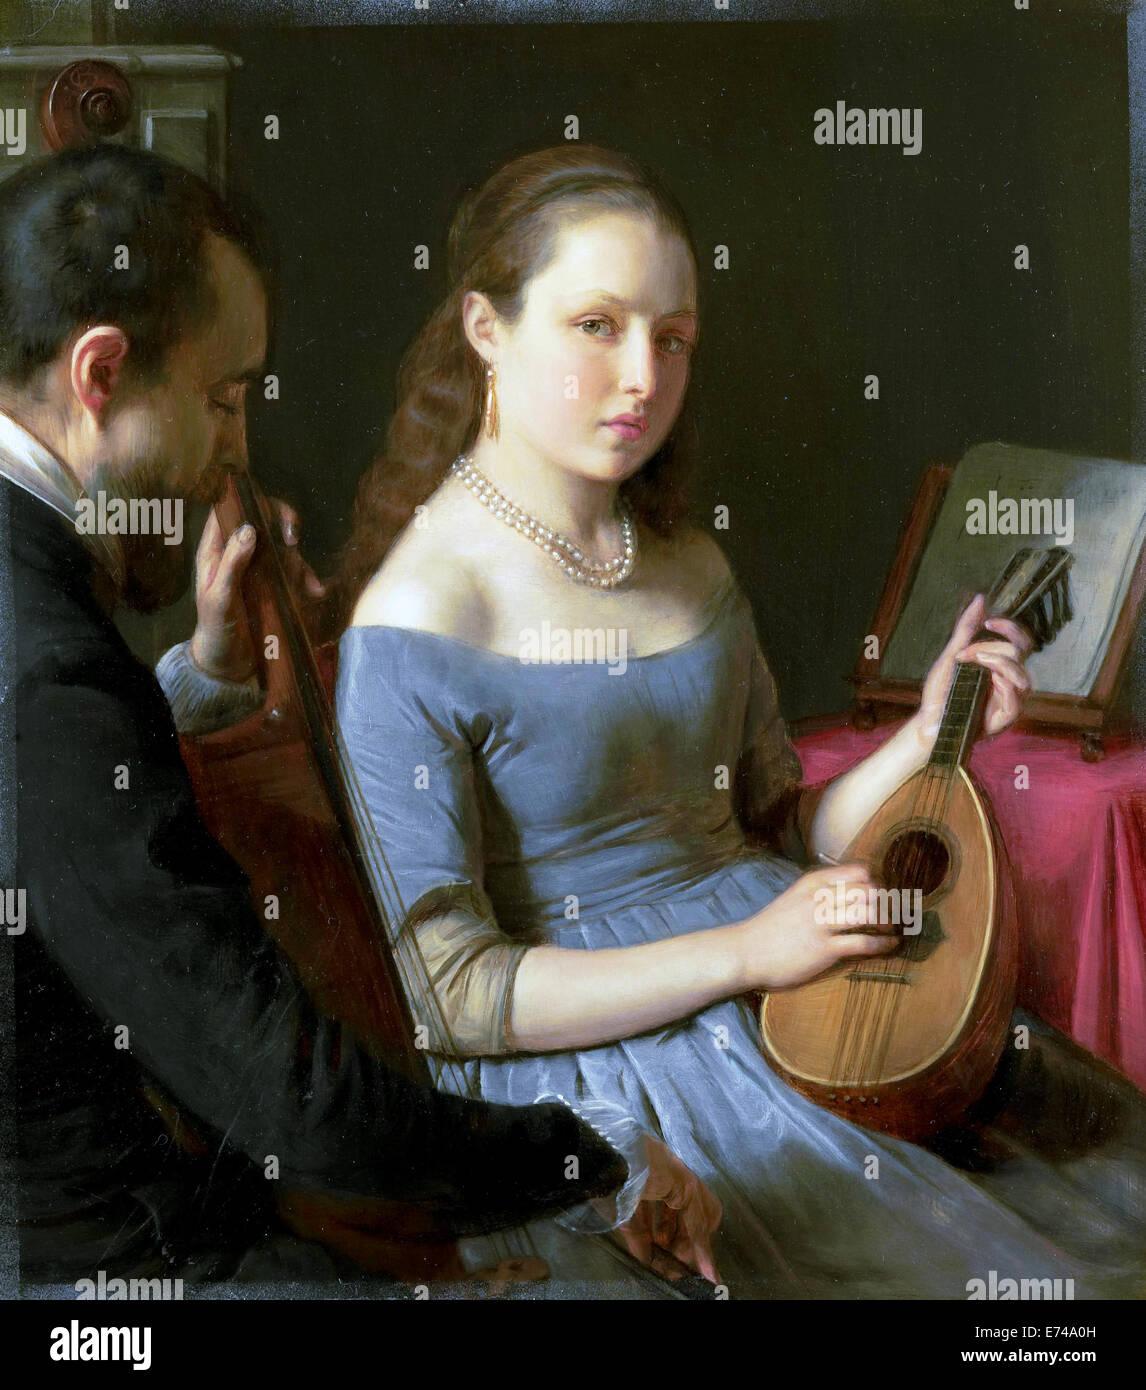 The duet - by Charles van Beveren, 1830 - 1850 - Stock Image